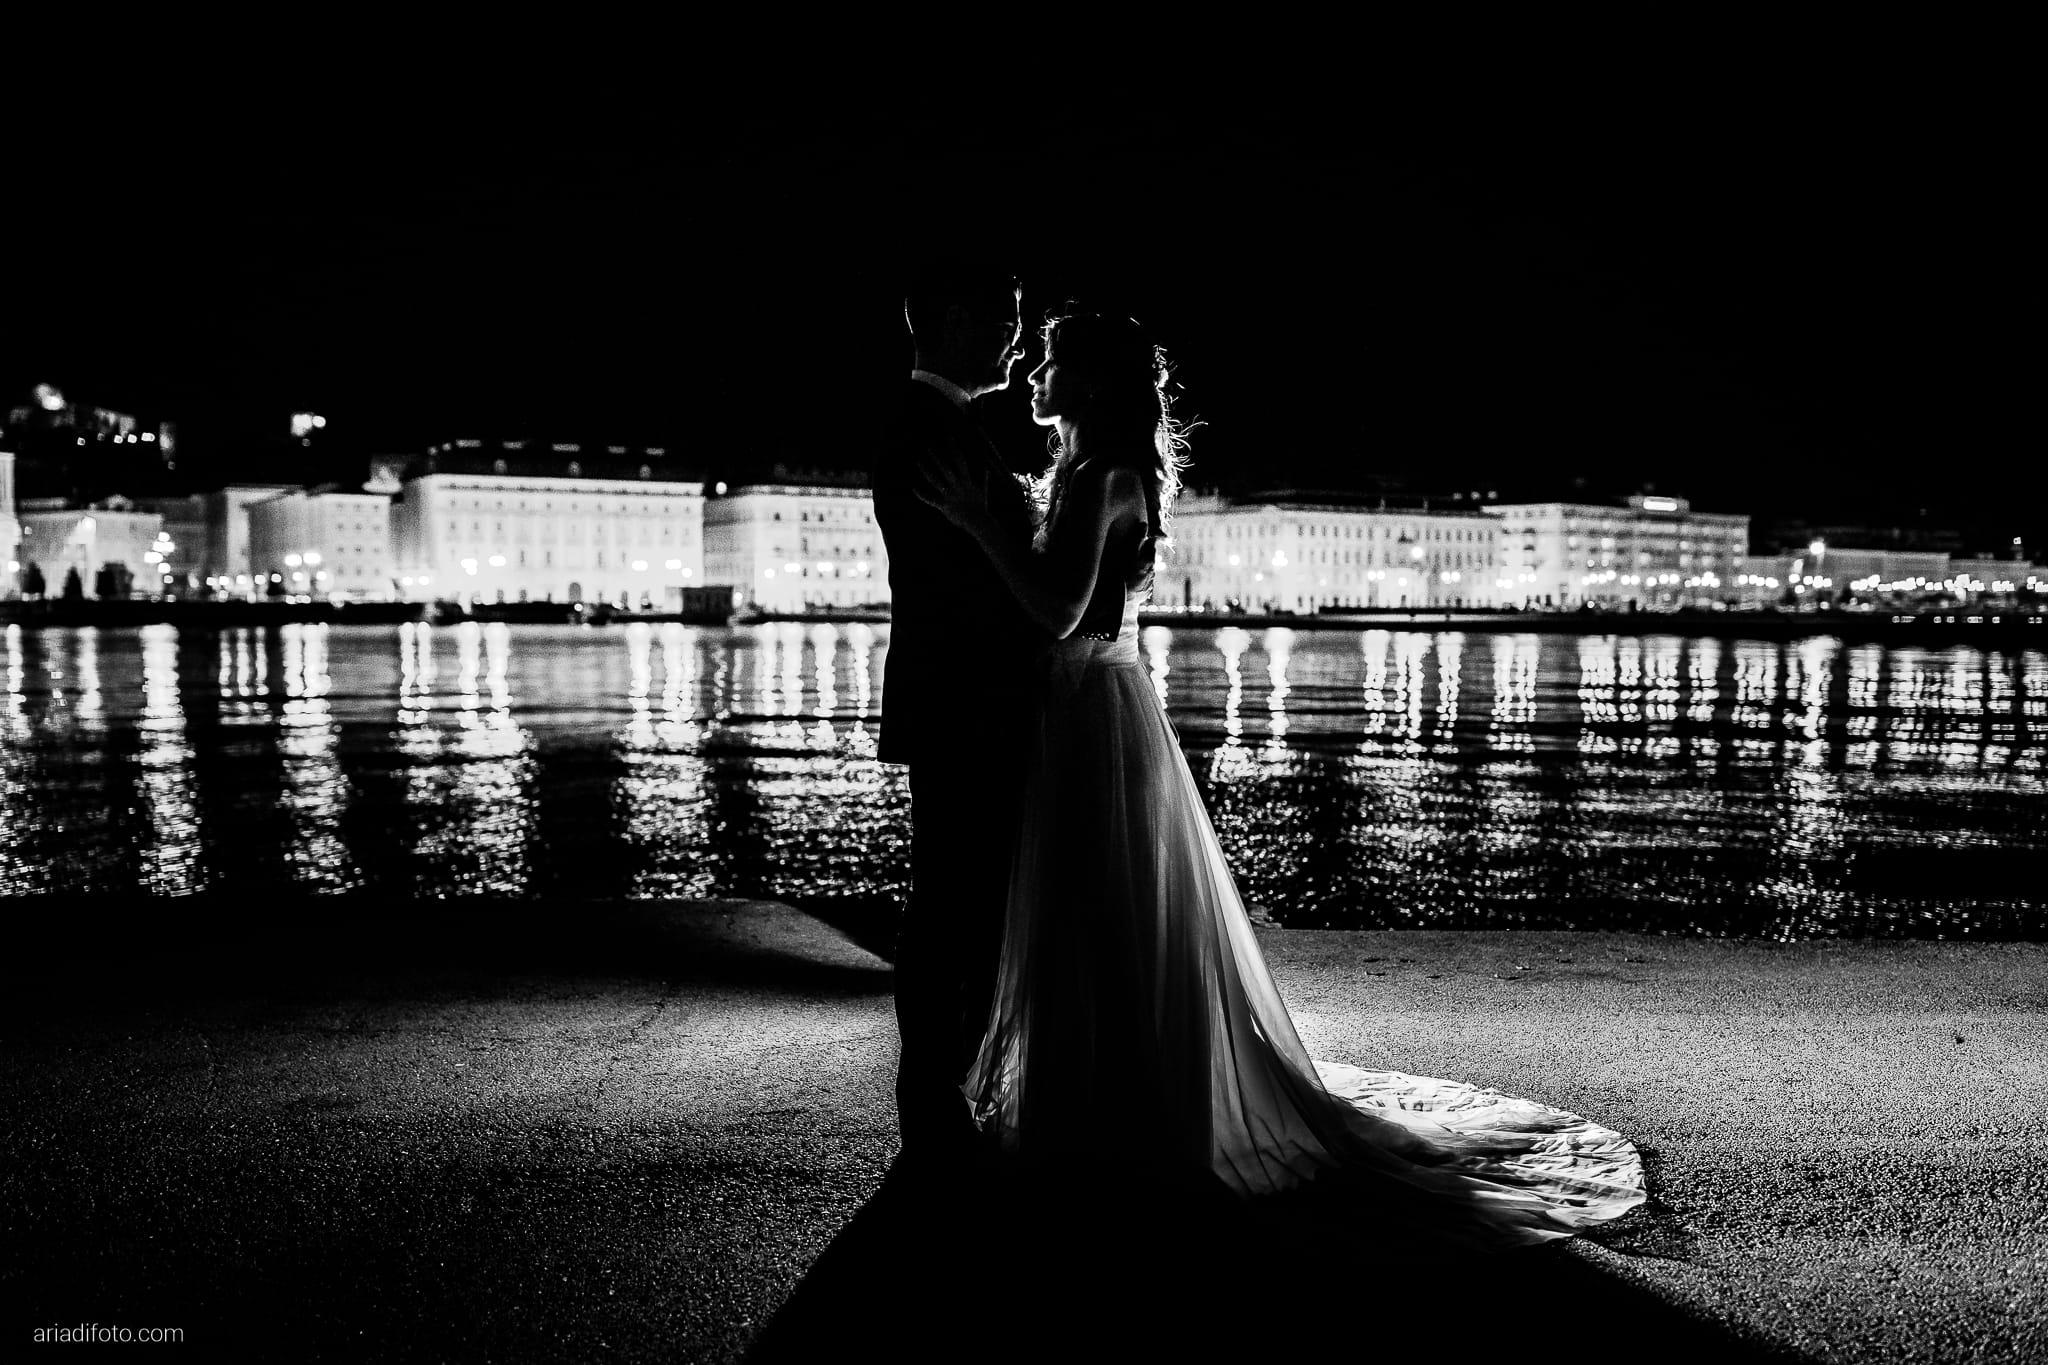 Marina Stefano Matrimonio Castello San Giusto Molo IV Trieste ritratti notturni sposi backflash